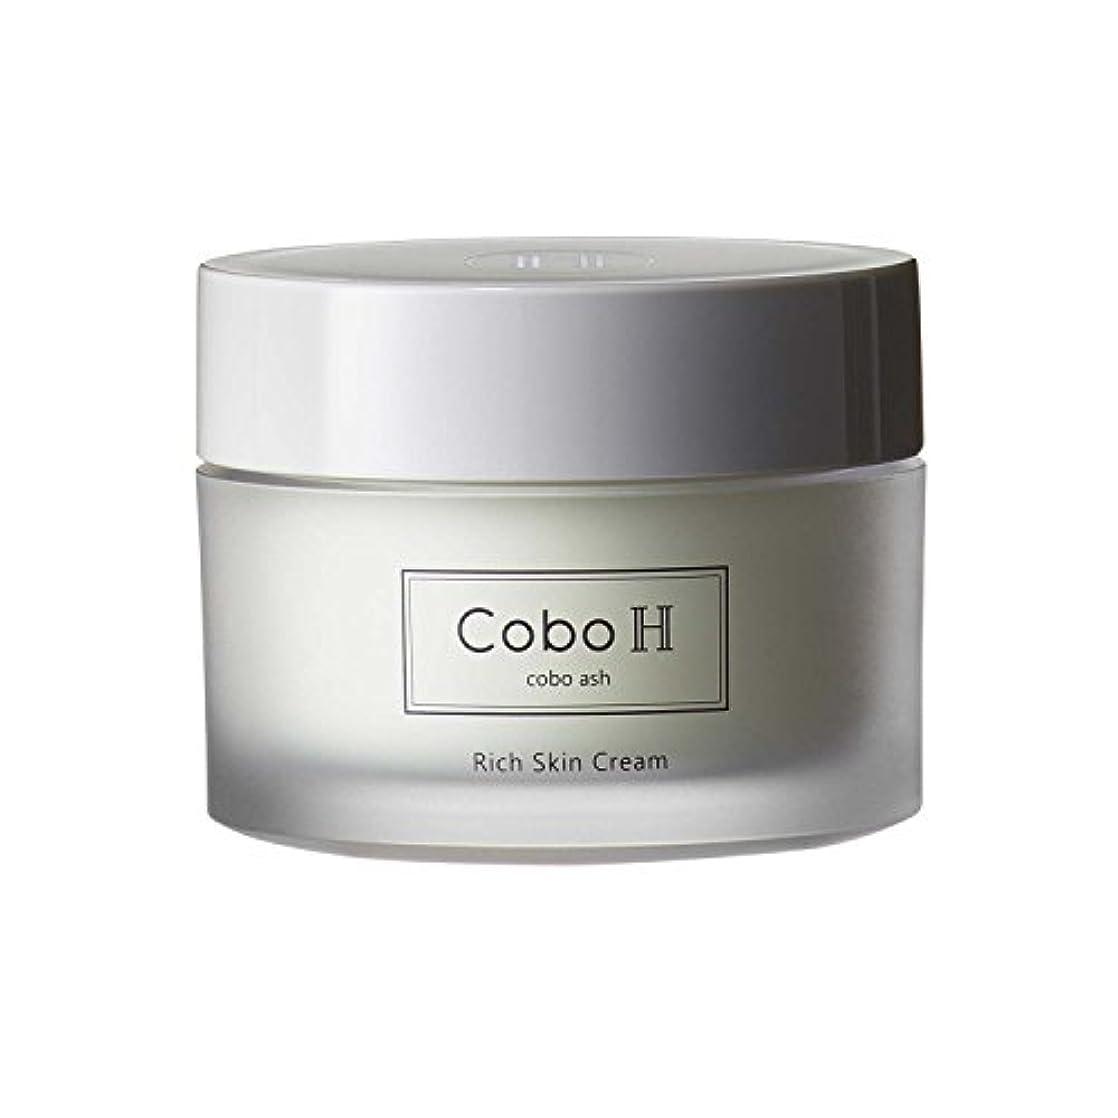 ラバ光沢のある慢性的CoboH コーボアッシュ リッチスキンくりーむ 50g